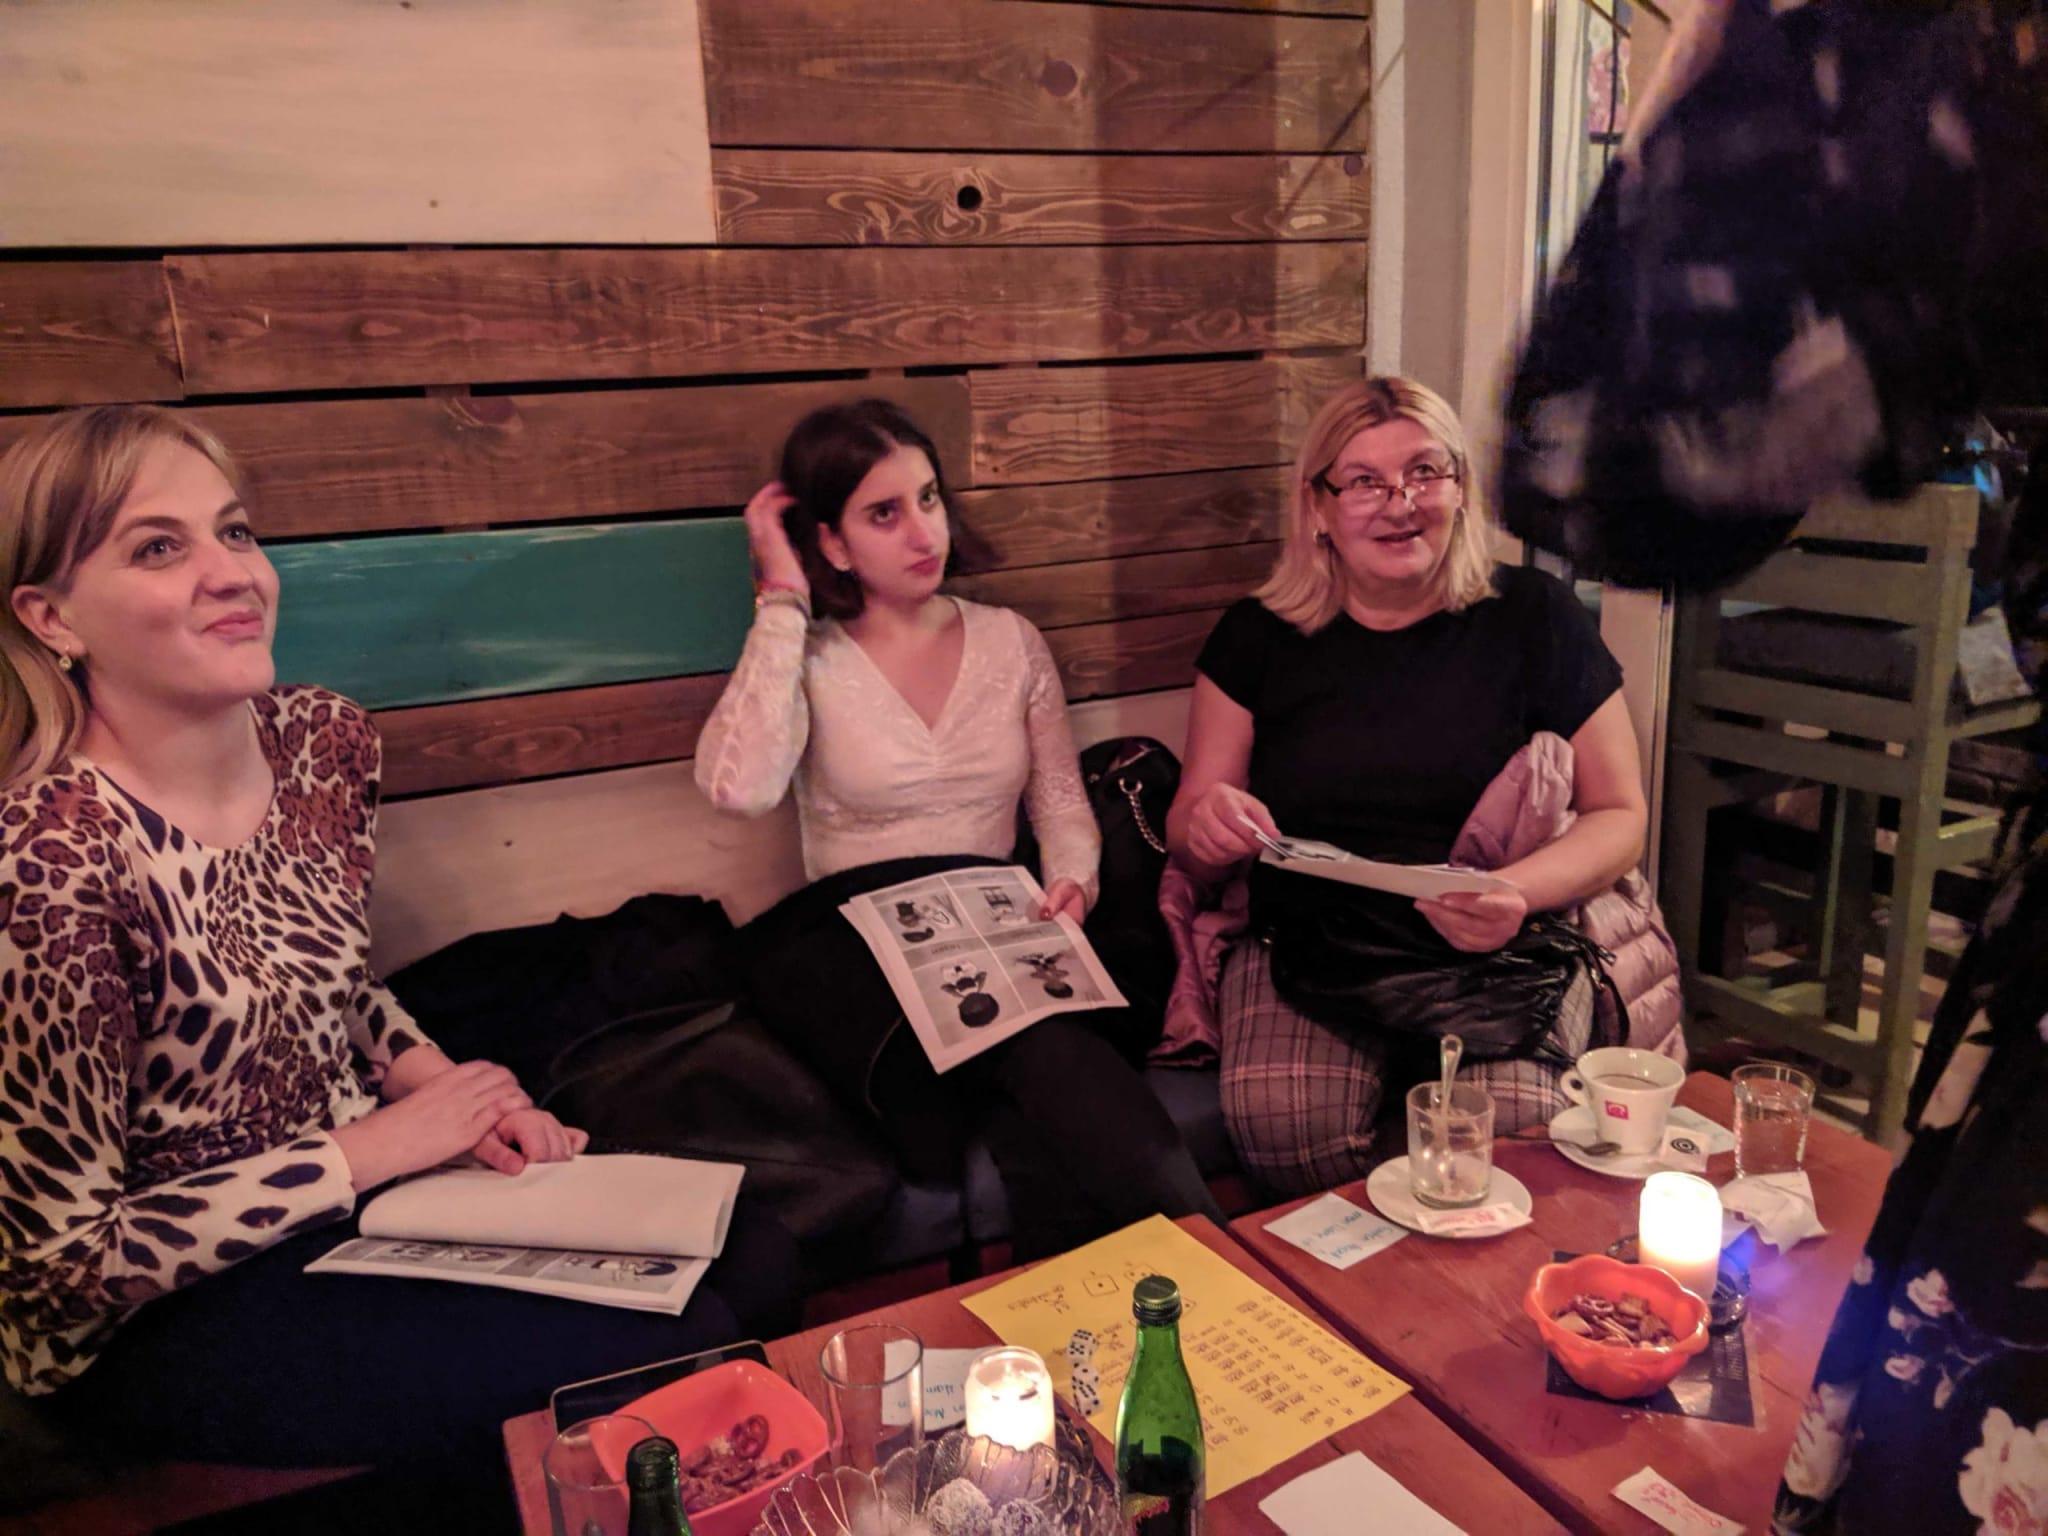 besplatna konverzacijska kafa, U Tuzli održana besplatna konverzacijska kafa na njemačkom jeziku